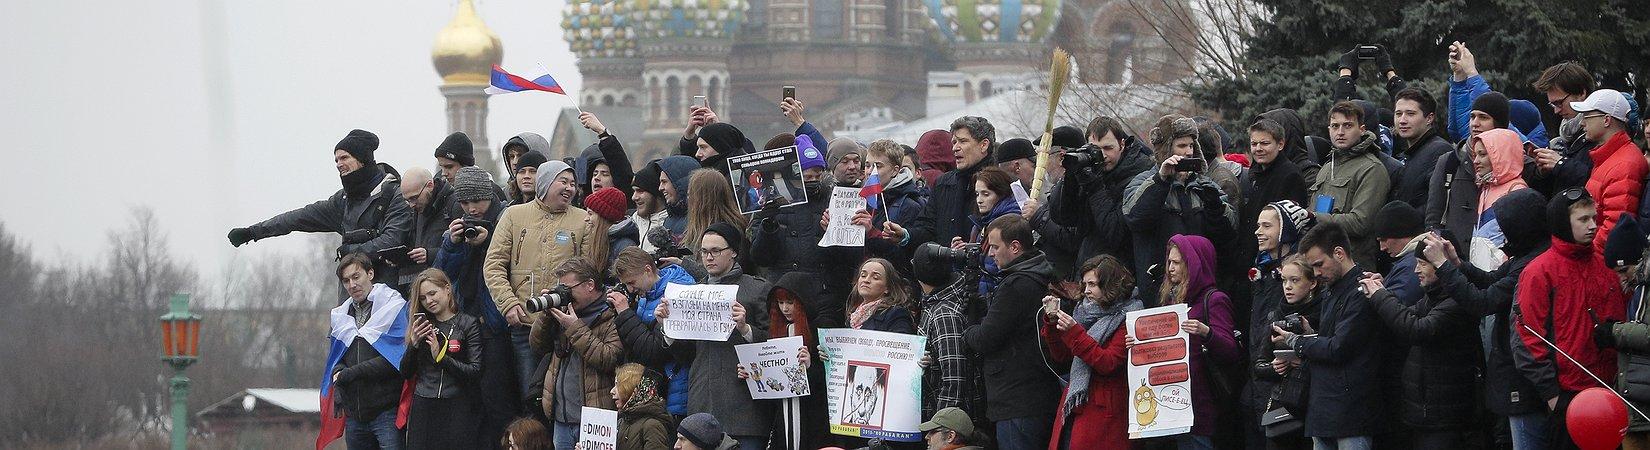 I cittadini russi scendono in piazza contro il governo Putin